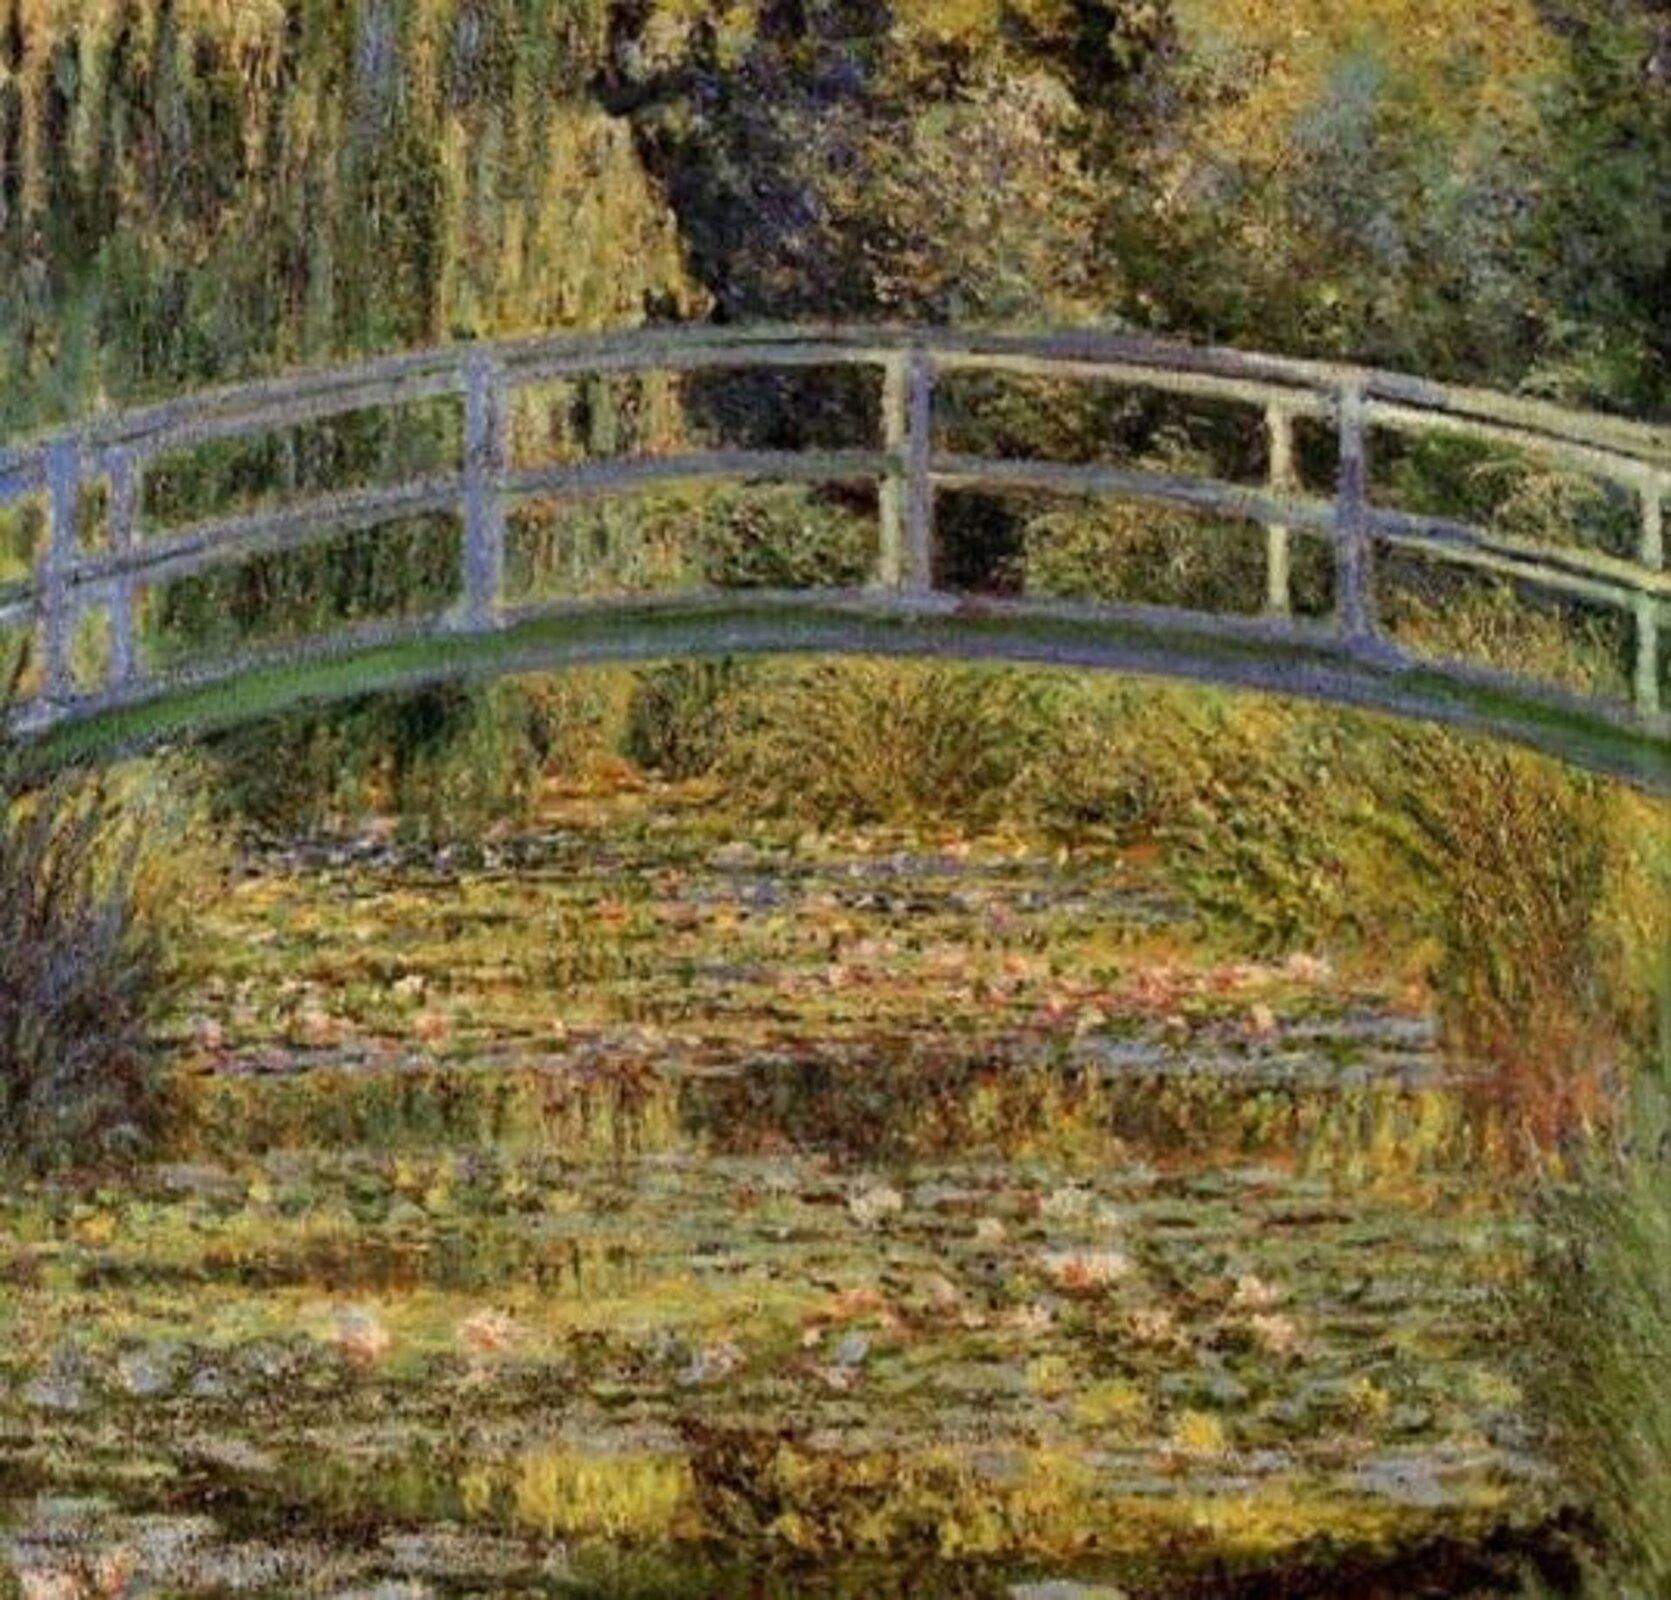 Fotografia przedstawia obraz Claude Monet pt. Staw znenufarami w1899 roku. Monet uwielbiał obserwować staw zliliami wodnymi, śledził różowe izielonkawe odblaski na nieruchomej wodzie, odbicia drzew iobłoków, odcienie nenufarów, kołysanie się wyścielających dno roślin icień przerzuconego przez staw japońskiego mostku.